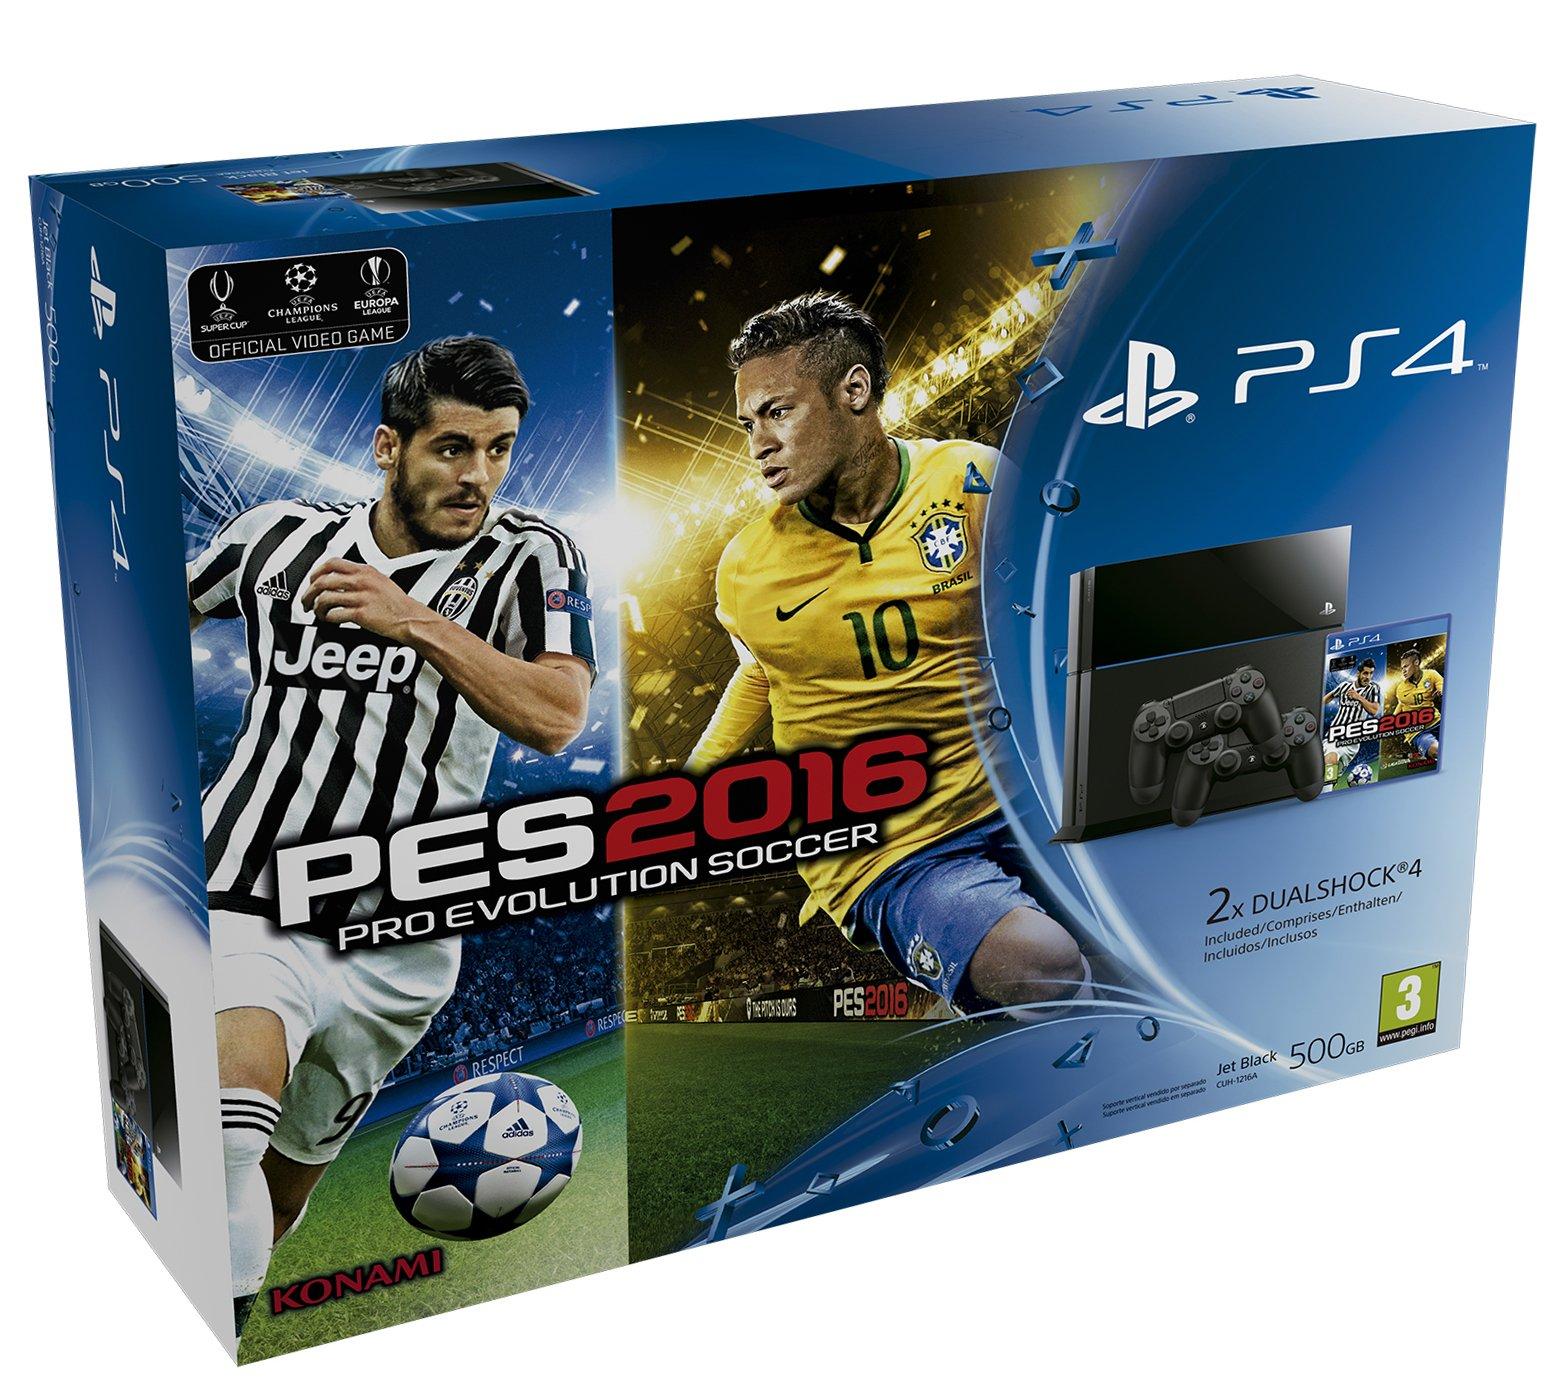 PlayStation 4 - Consola 500 GB + PES 2016 + 2 Mandos DualShock: Amazon.es: Videojuegos